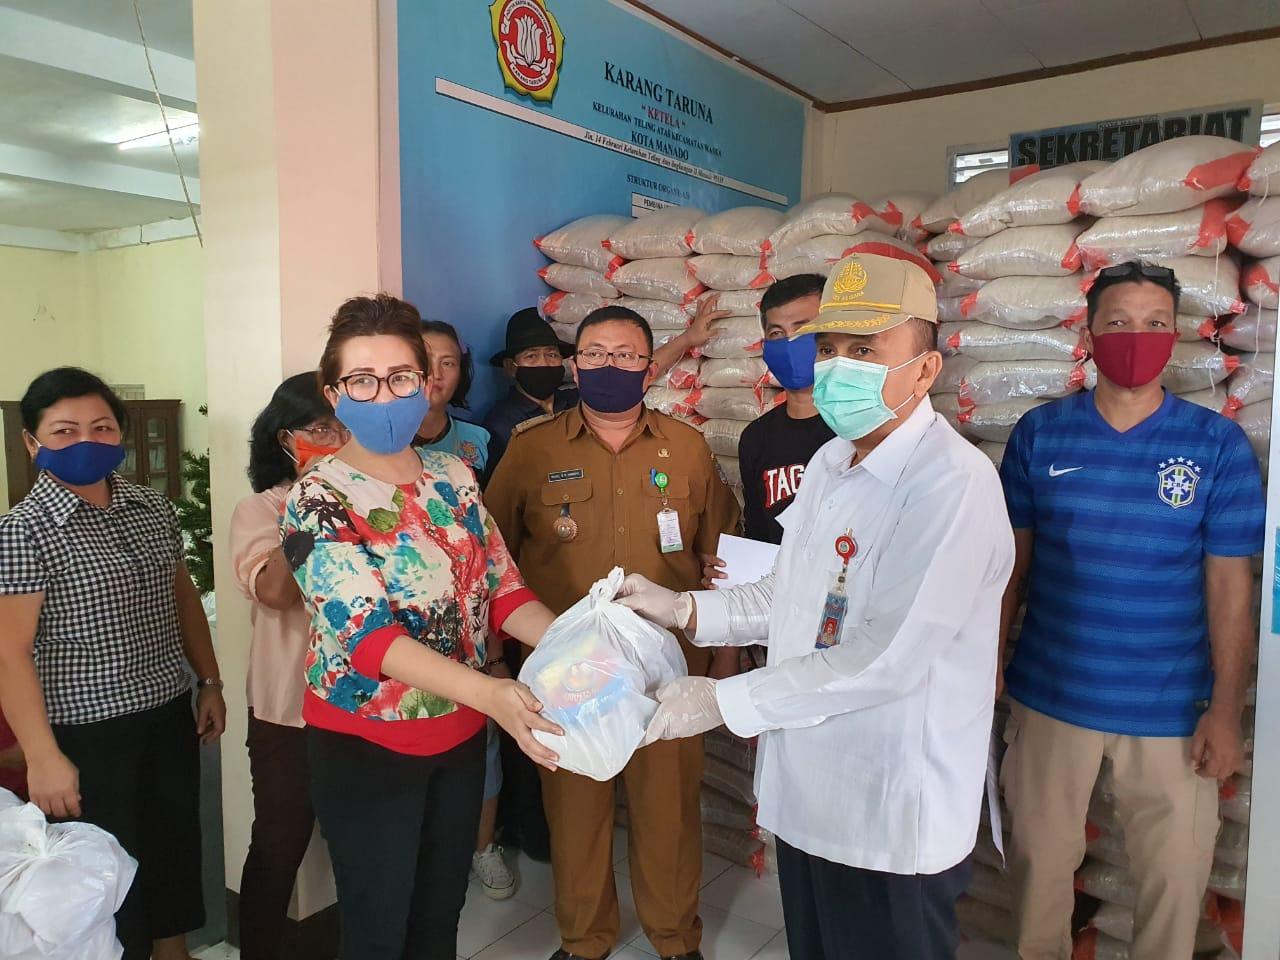 Sekda Micler Lakat Pantau Penyaluran Bantuan Pemkot Manado di Teling Atas